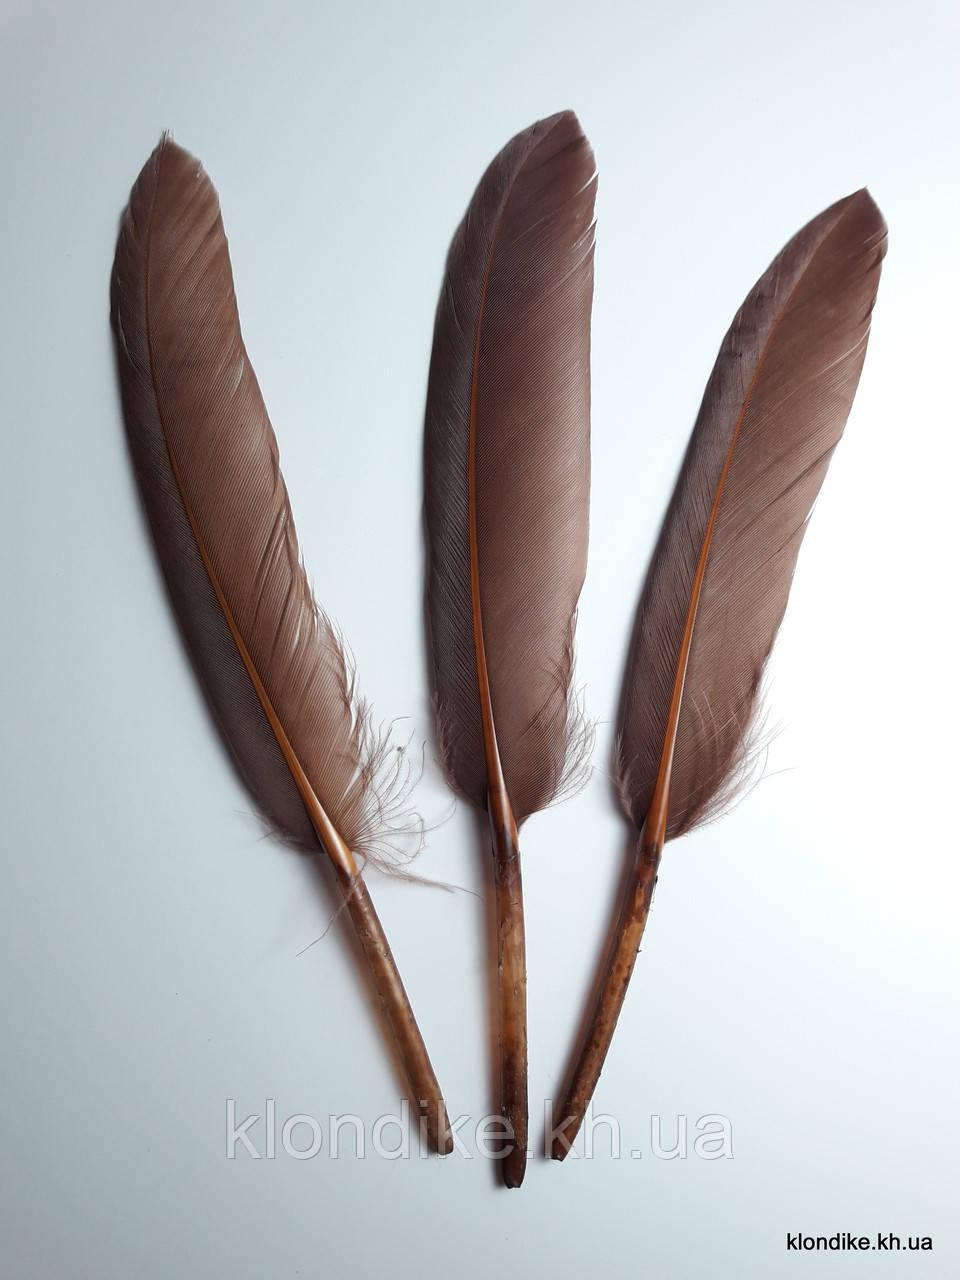 Перья декоративные, 11-14 см, Цвет: Коричневый (10 шт.)